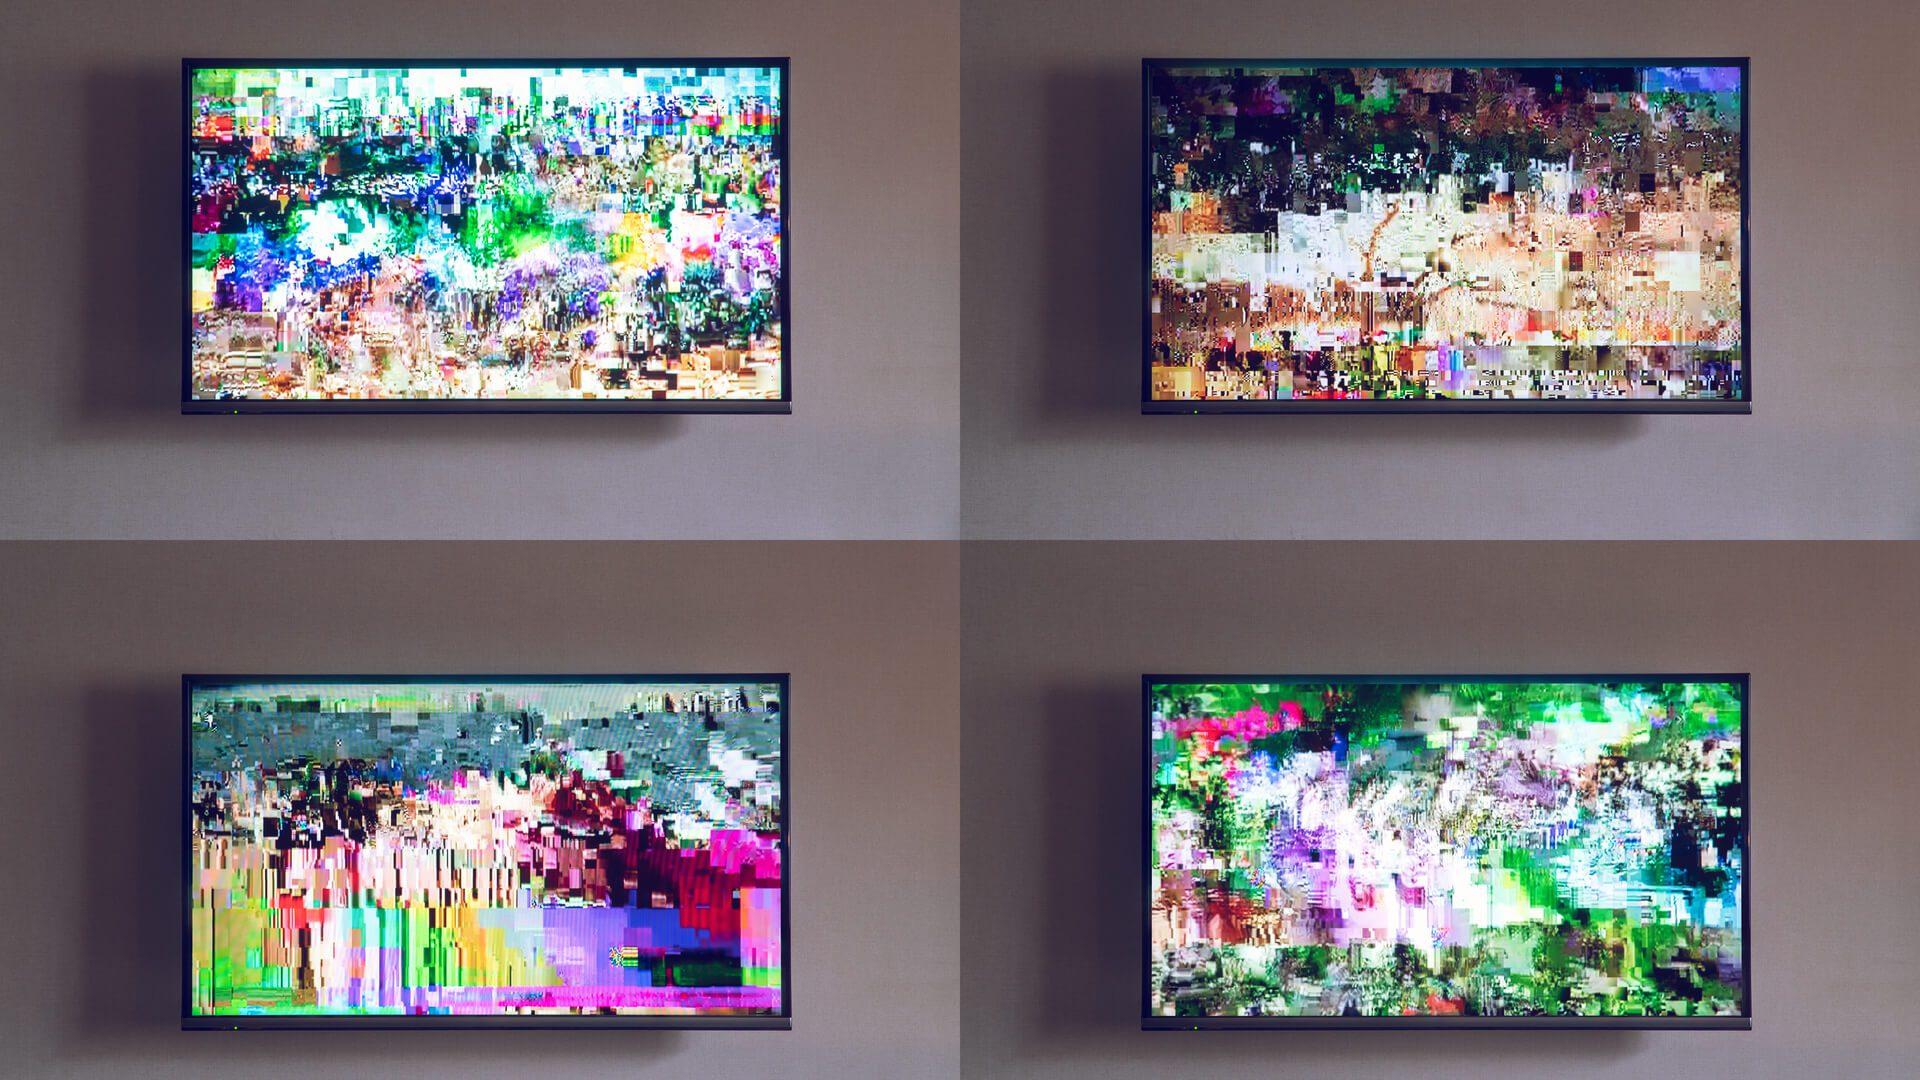 Cztery telewizory, dwa zadania, jeden zwycięzca